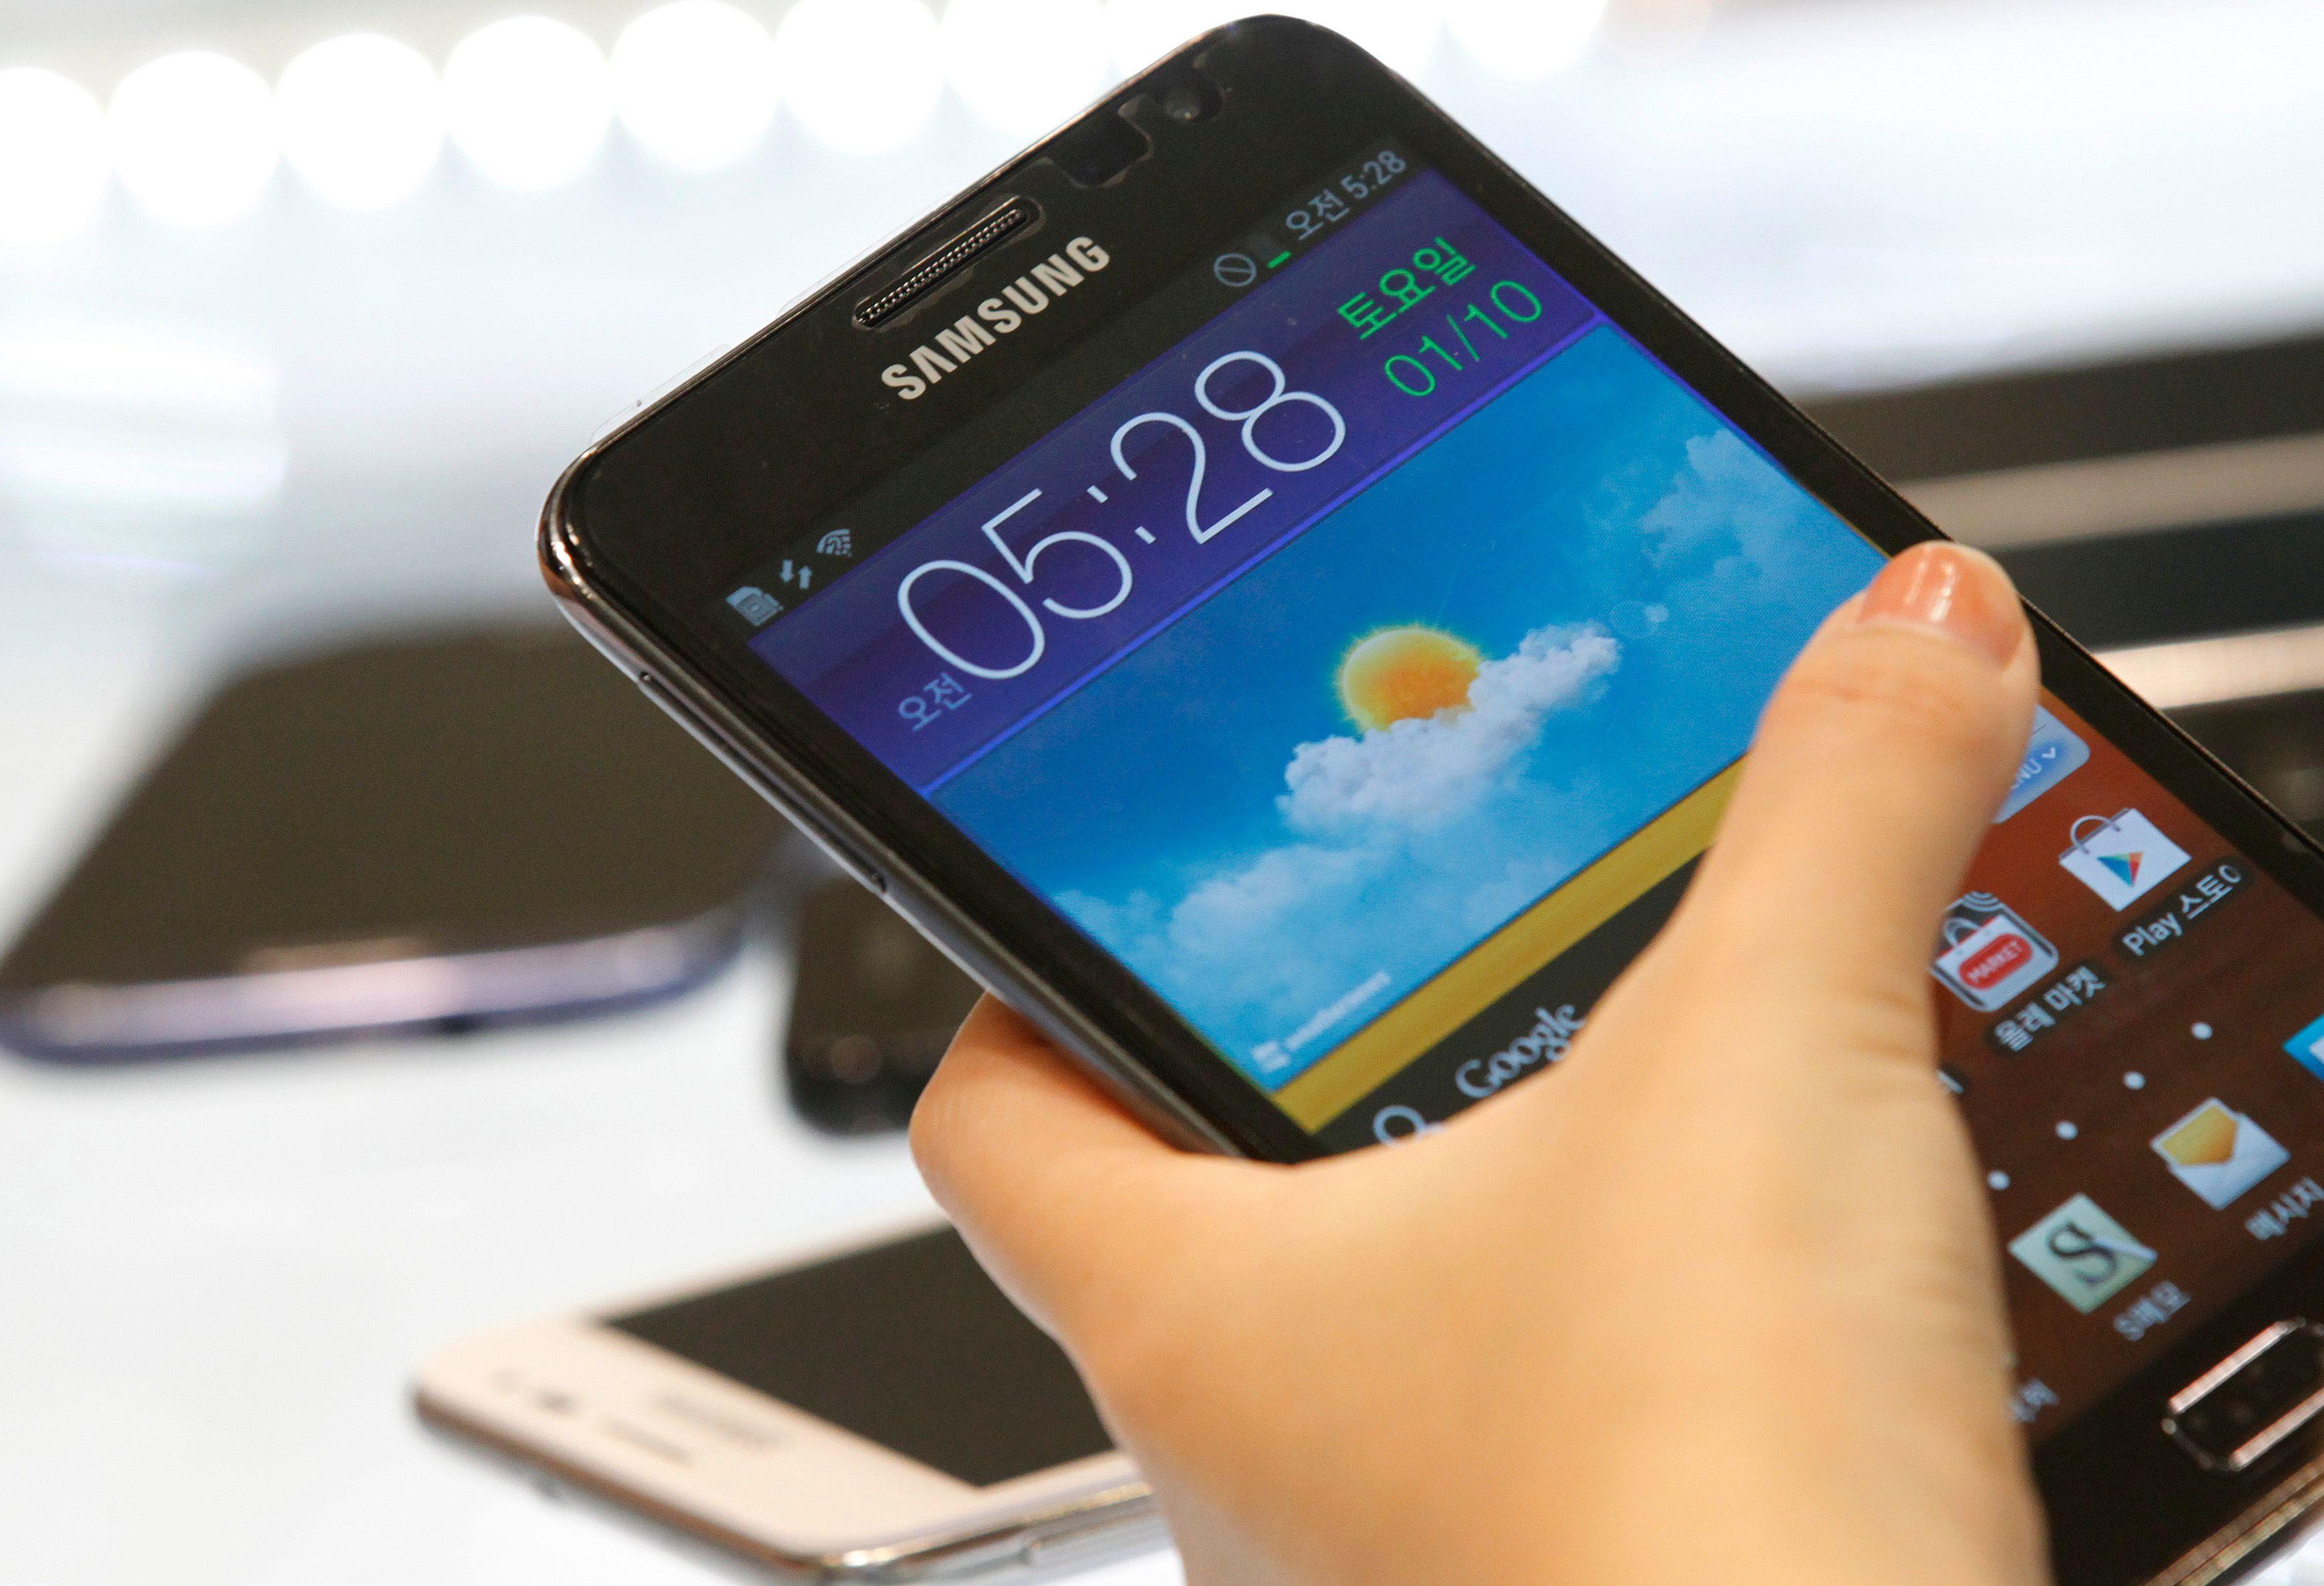 La Galaxy Note 8.0 pourrait être dévoilée dans un mois